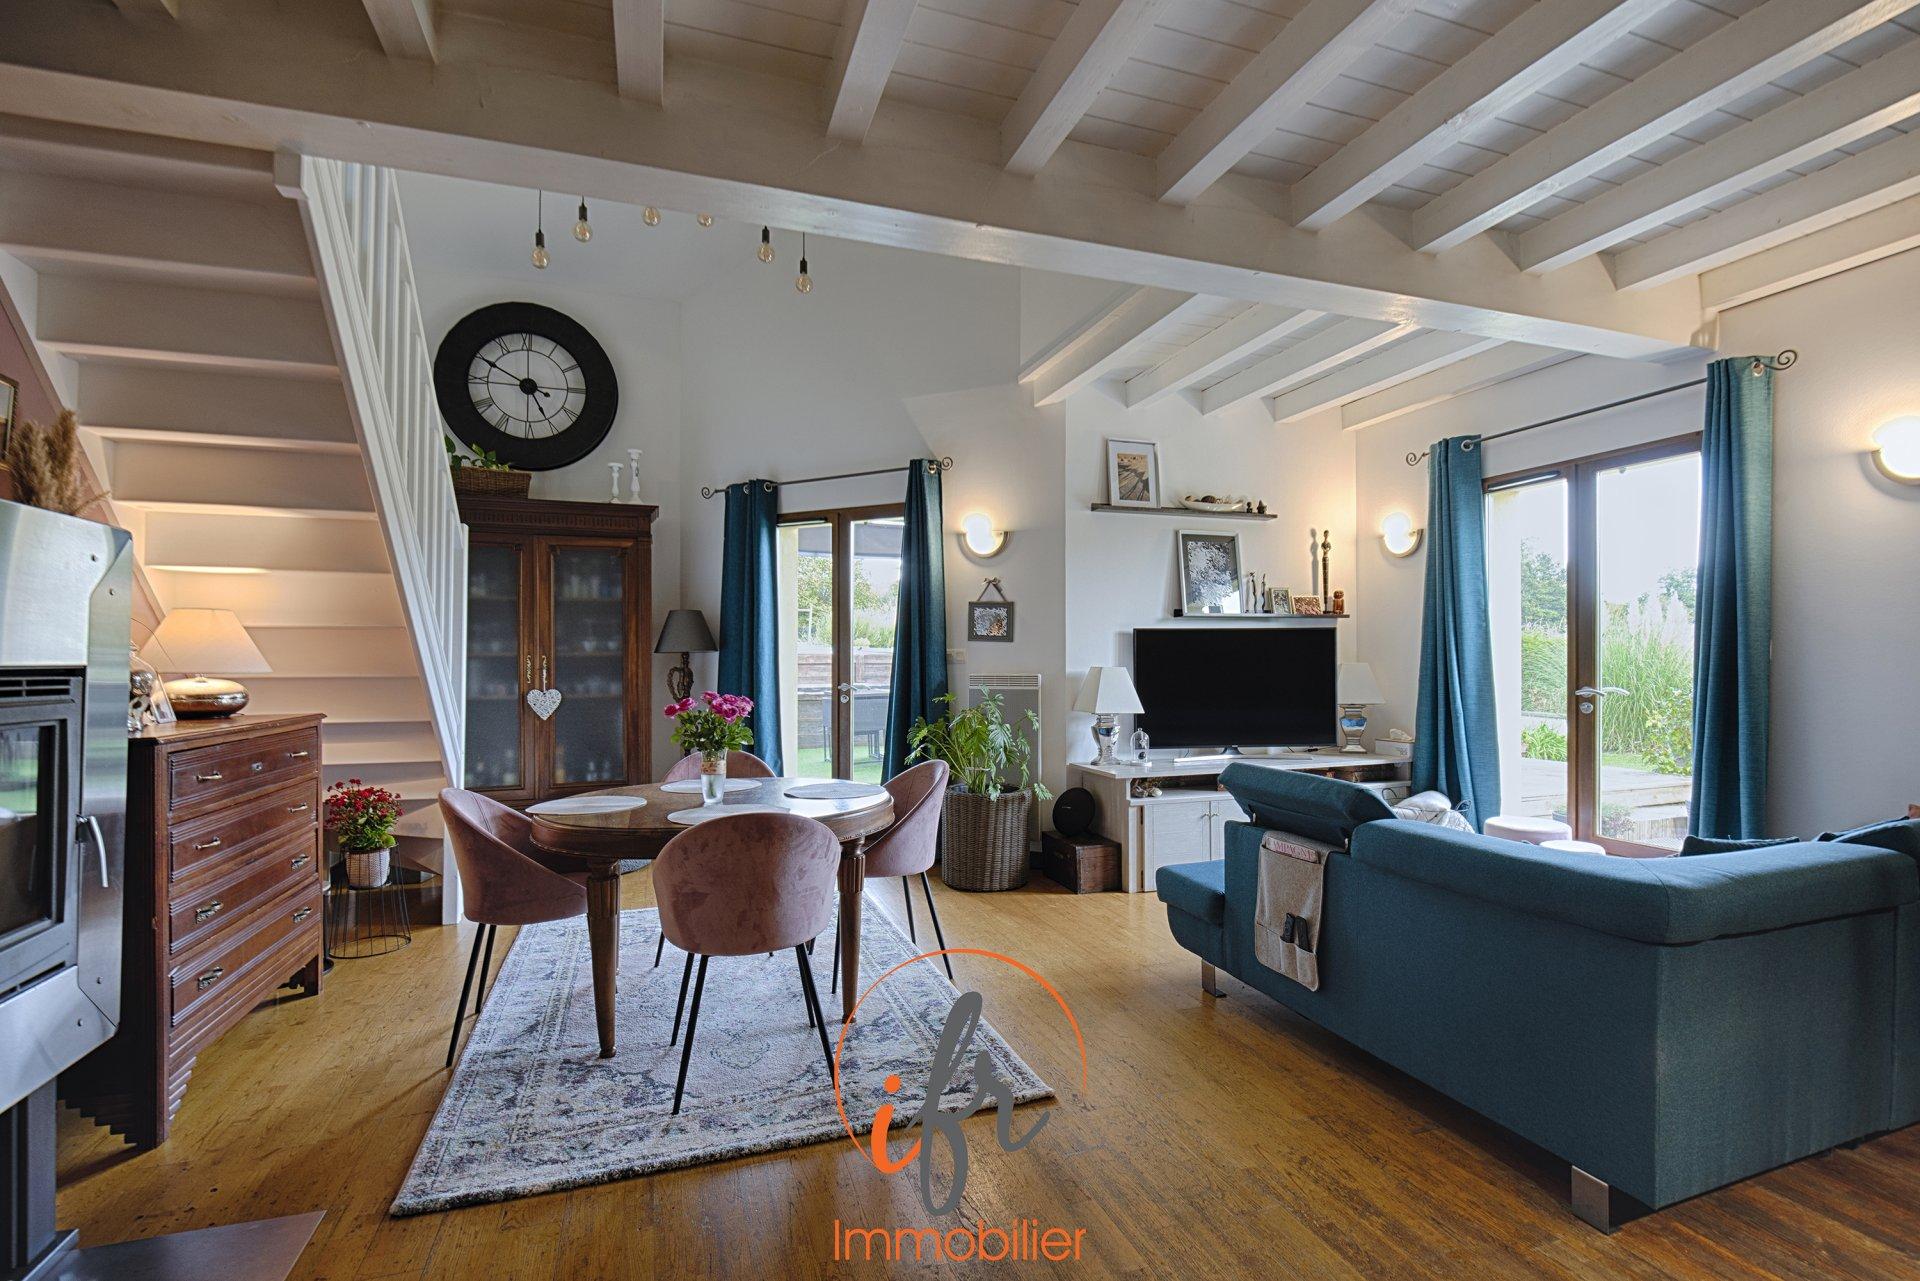 Villa au calme sur les hauteurs de Bourgoin, à 10 min de l'autoroute